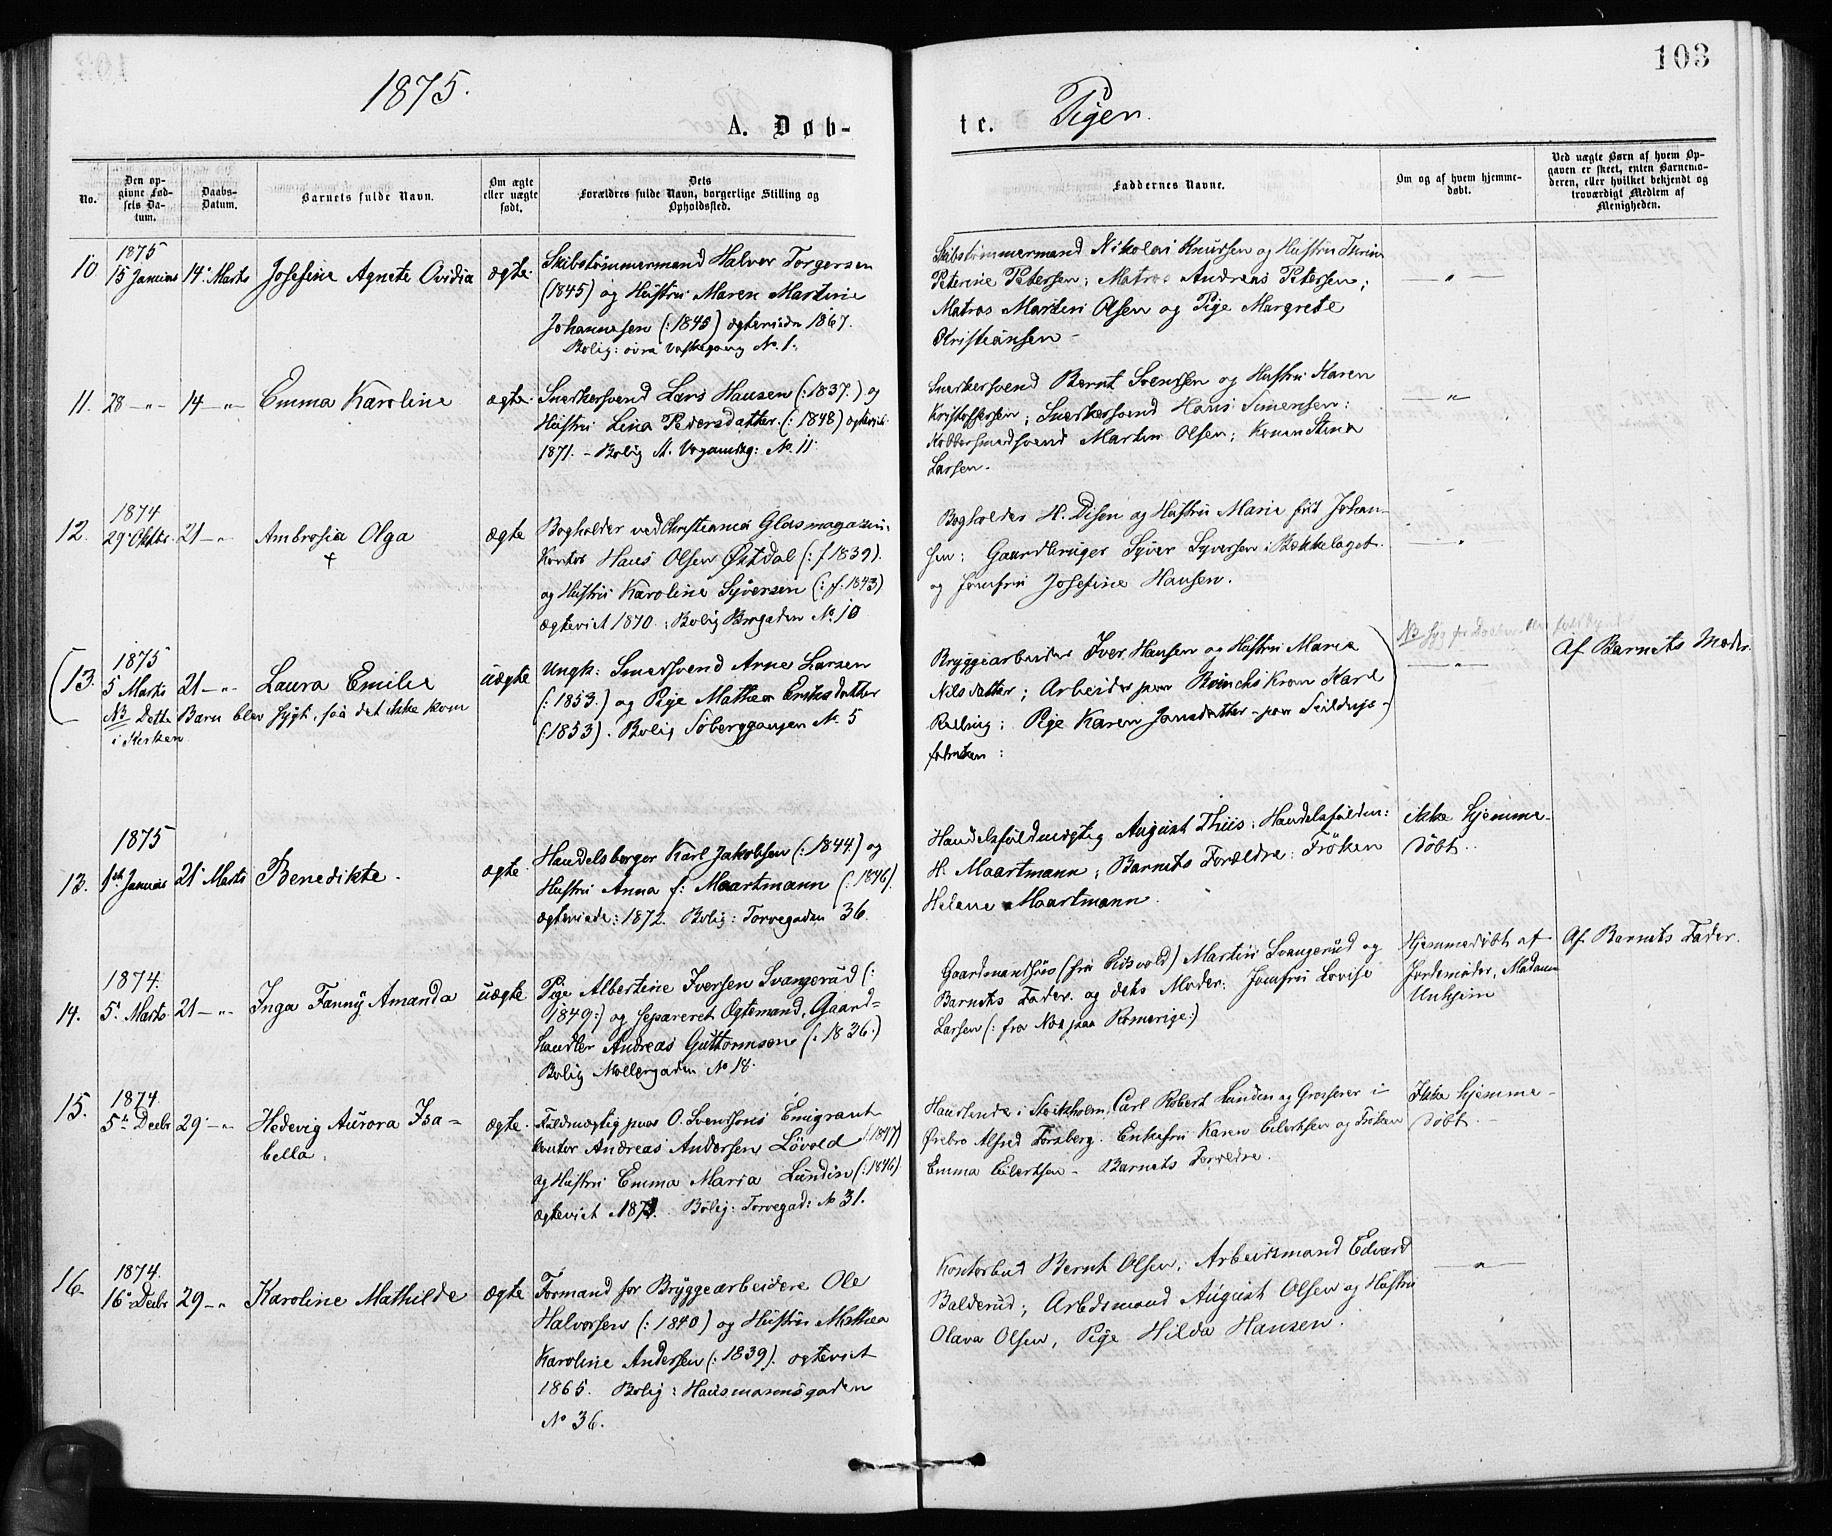 SAO, Jakob prestekontor Kirkebøker, F/Fa/L0001: Ministerialbok nr. 1, 1875-1924, s. 103